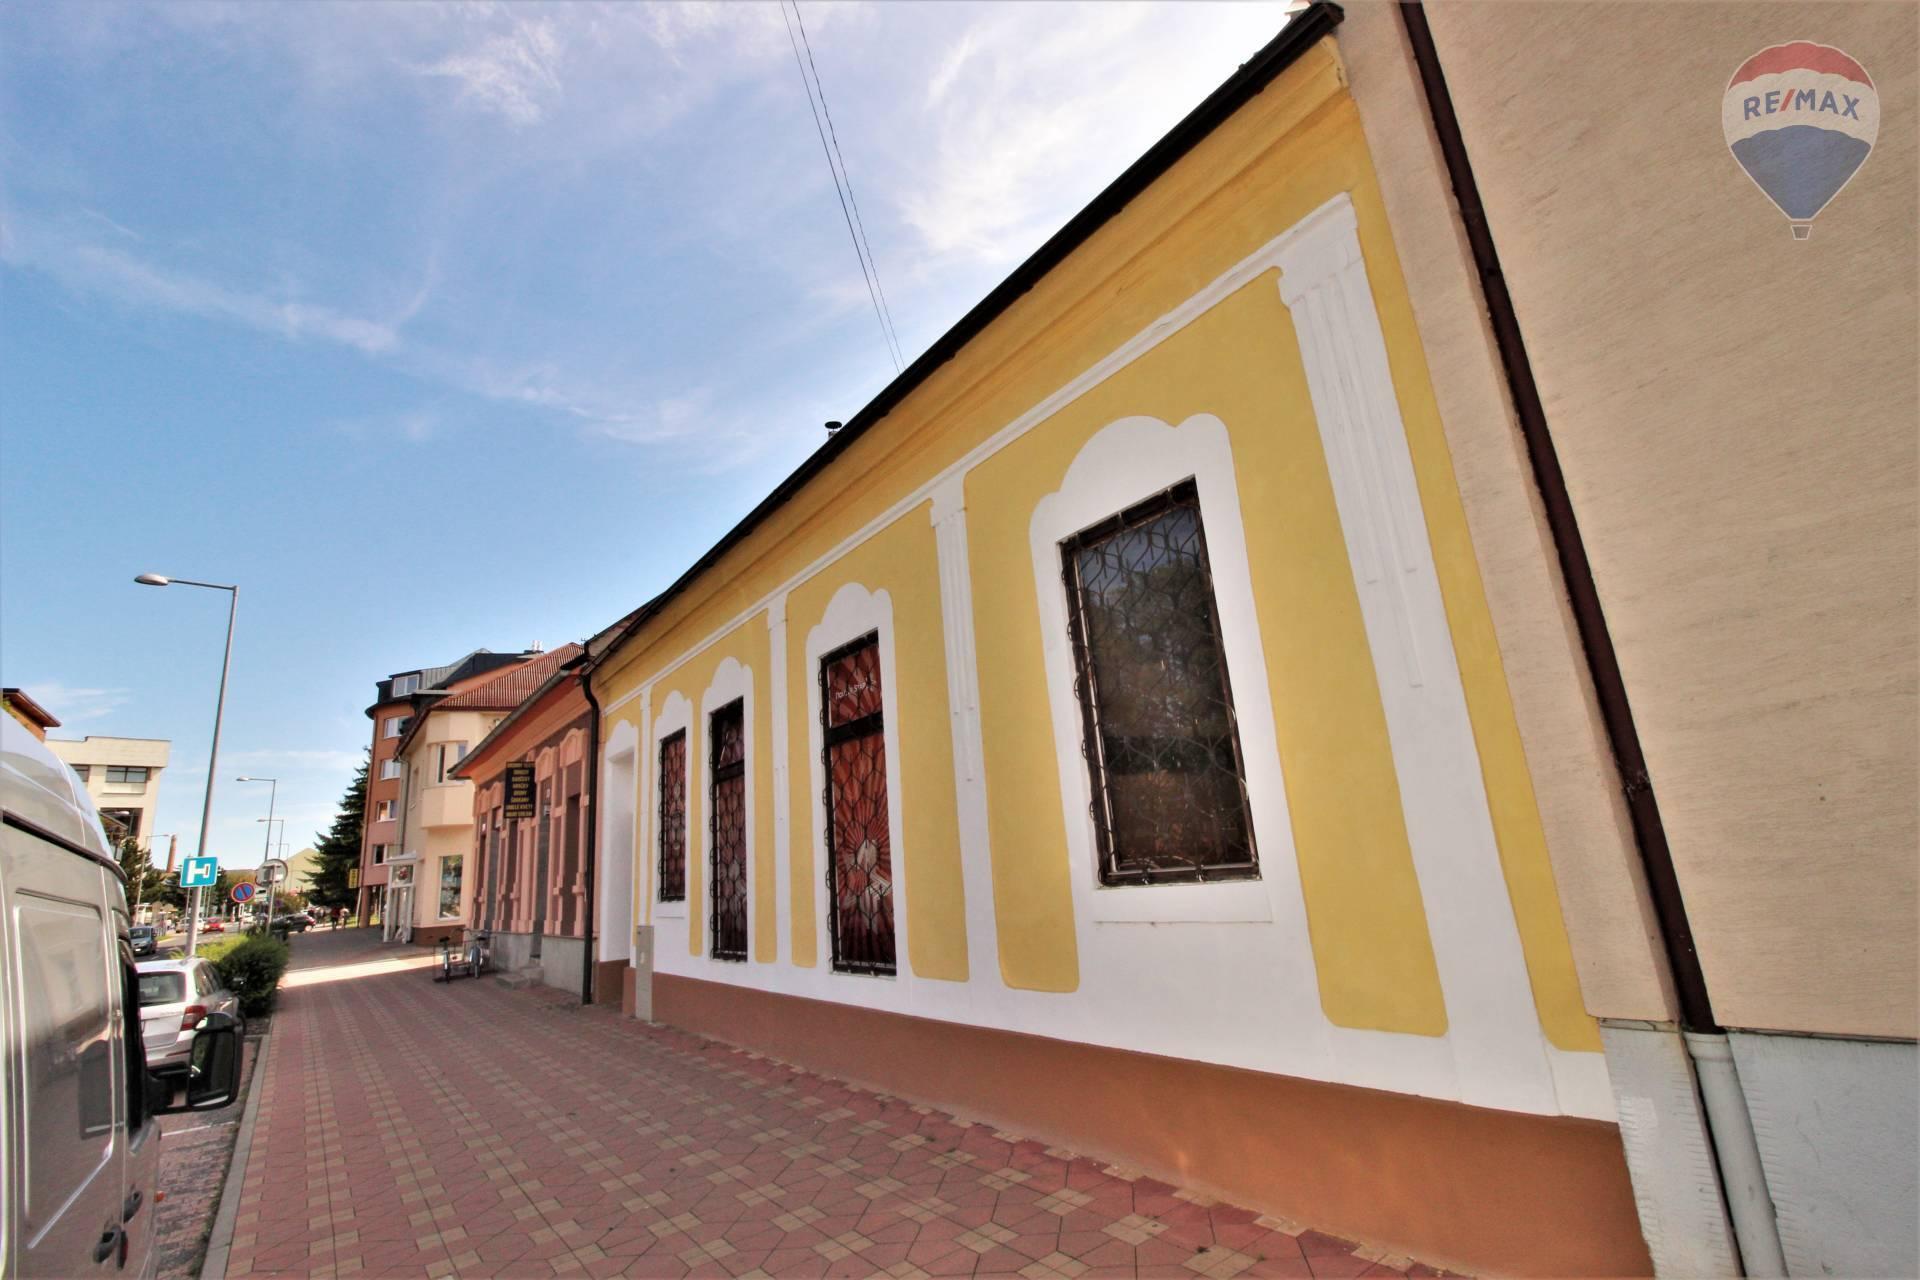 Predaj komerčného objektu 117 m2, Liptovský Mikuláš - pohľad smer pešia zóna